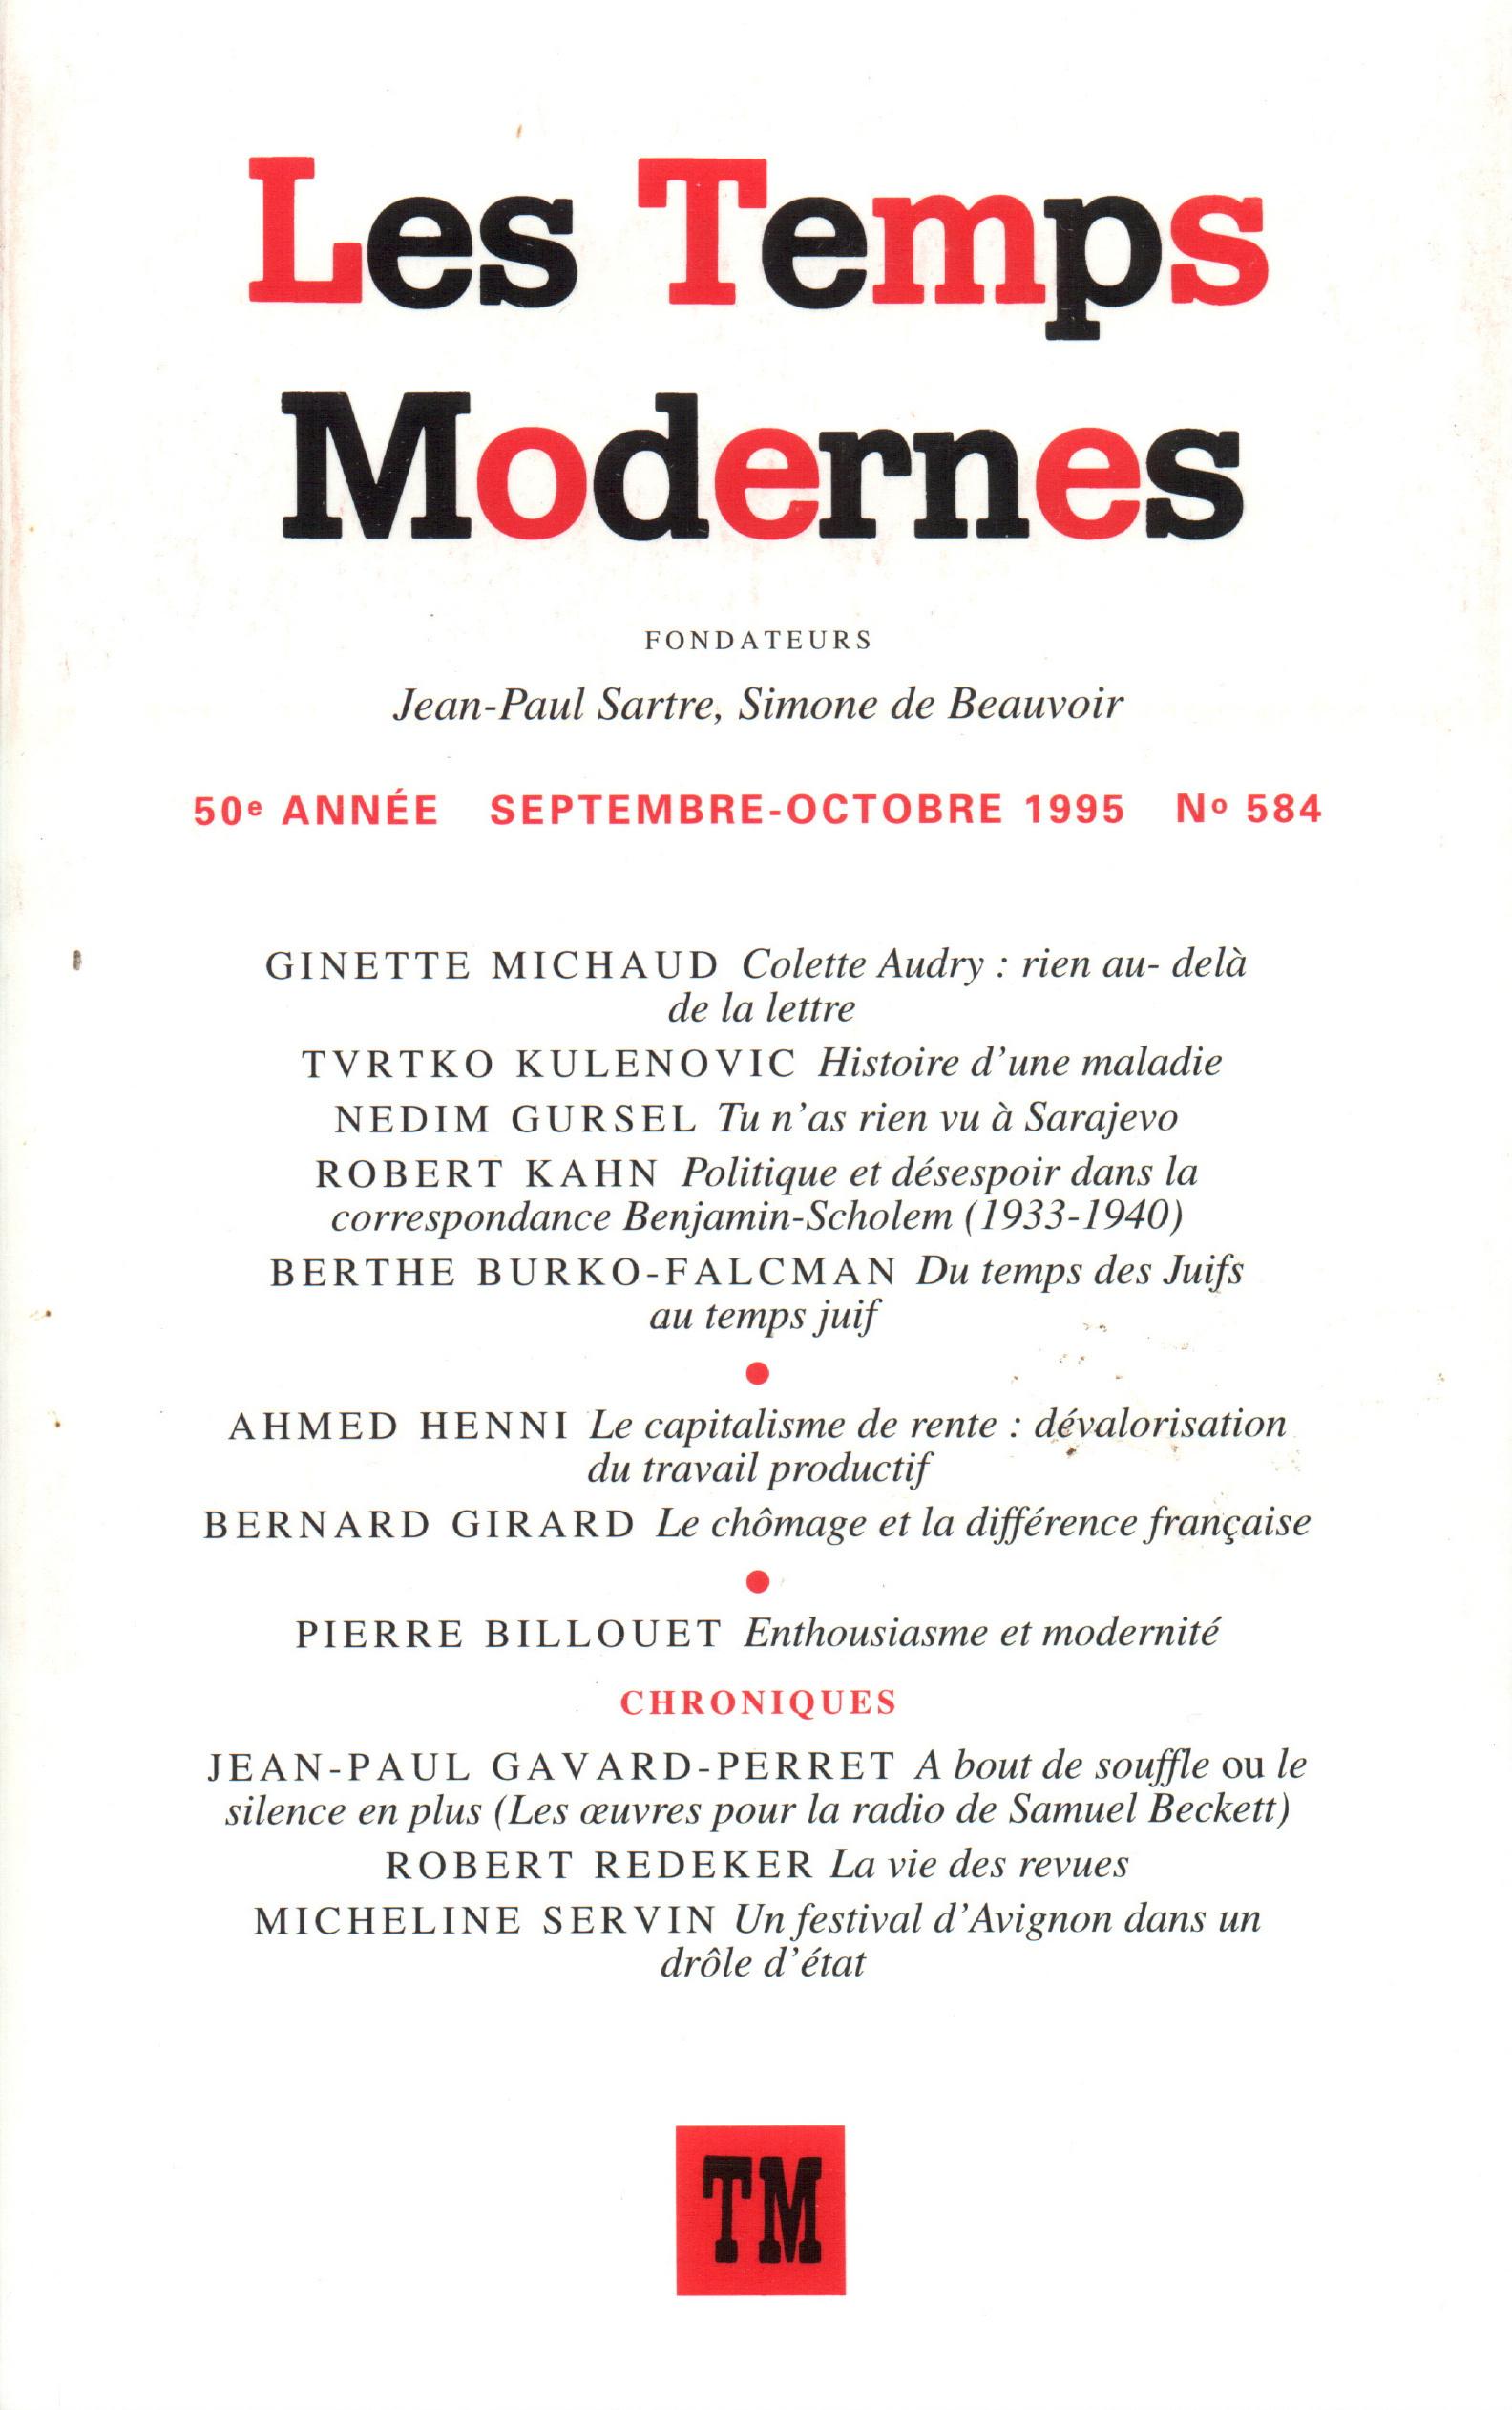 LES TEMPS MODERNES 584  (OCTOBRE 1995)